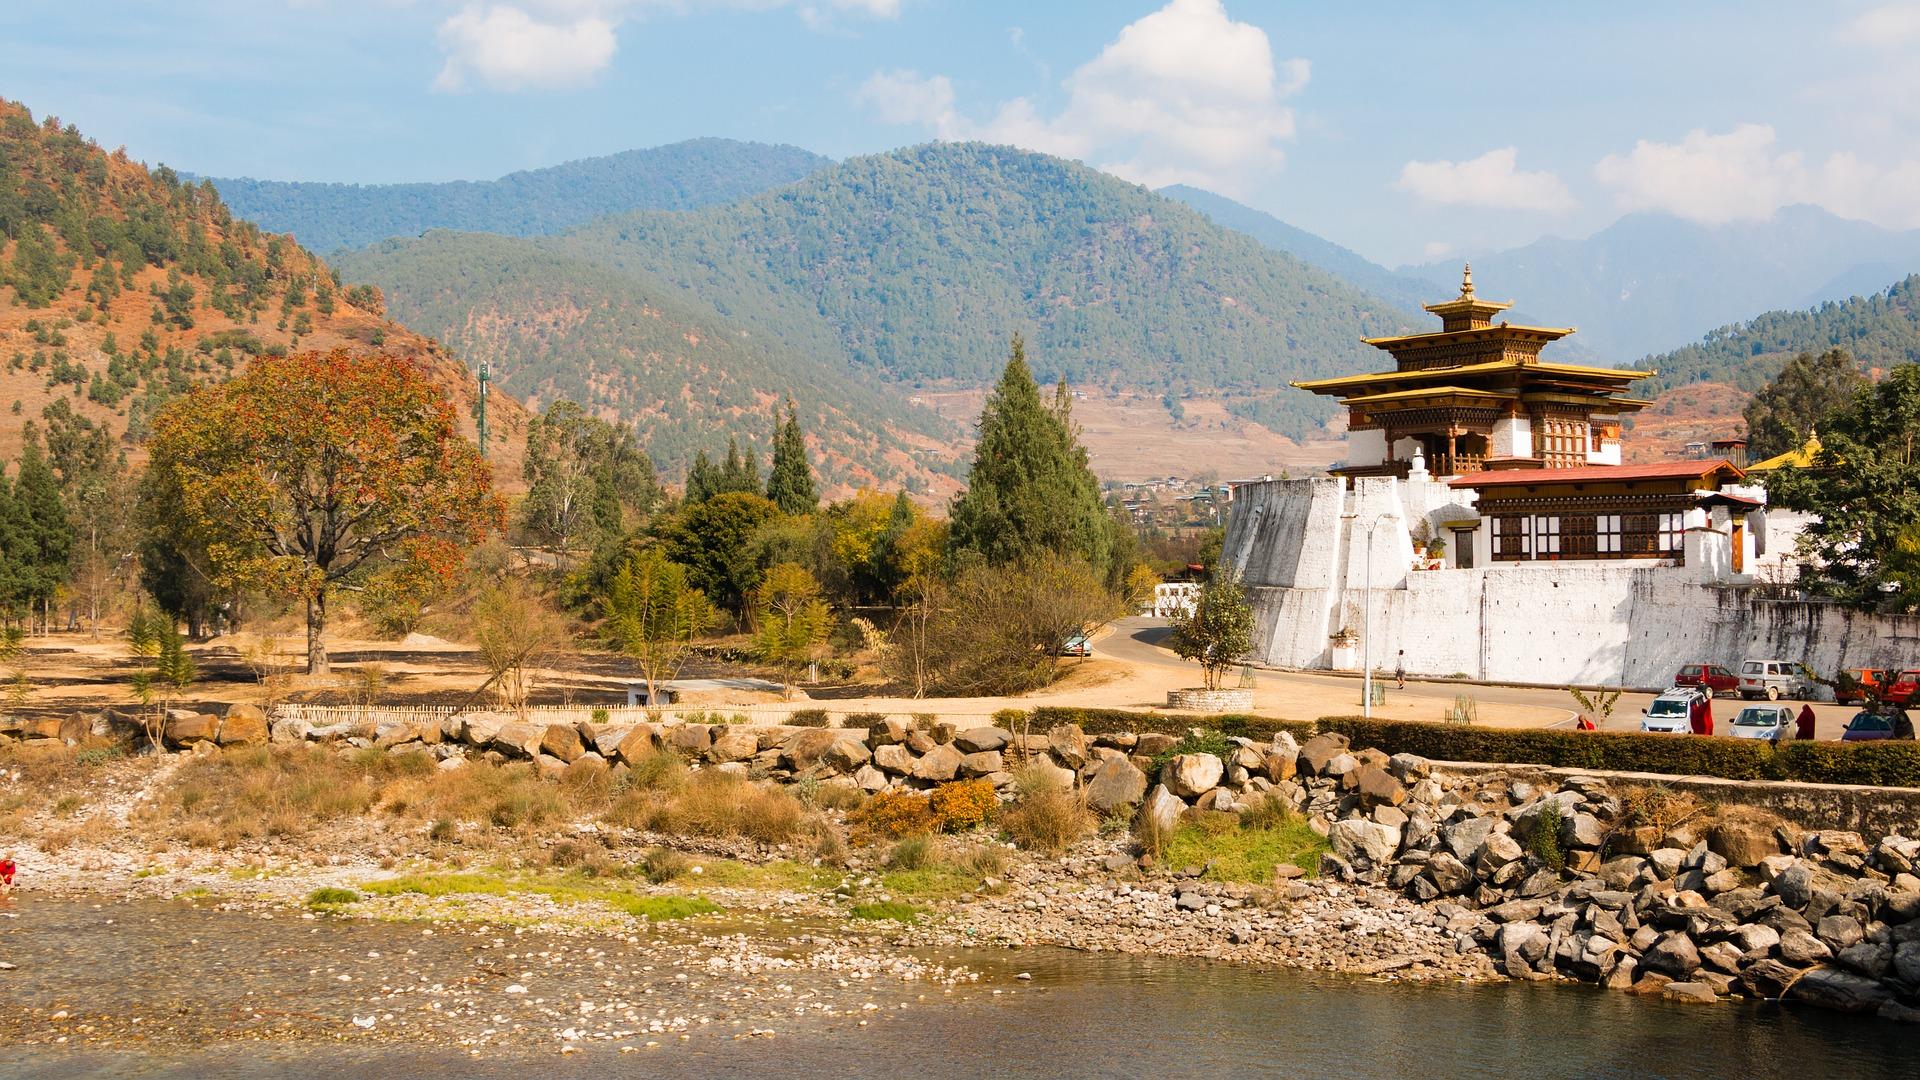 ทัวร์ภูฏาน ดินแดนแห่งศรัทธาในอ้อมกอดขุนเขาหิมาลัย 5 วัน 4 คืน